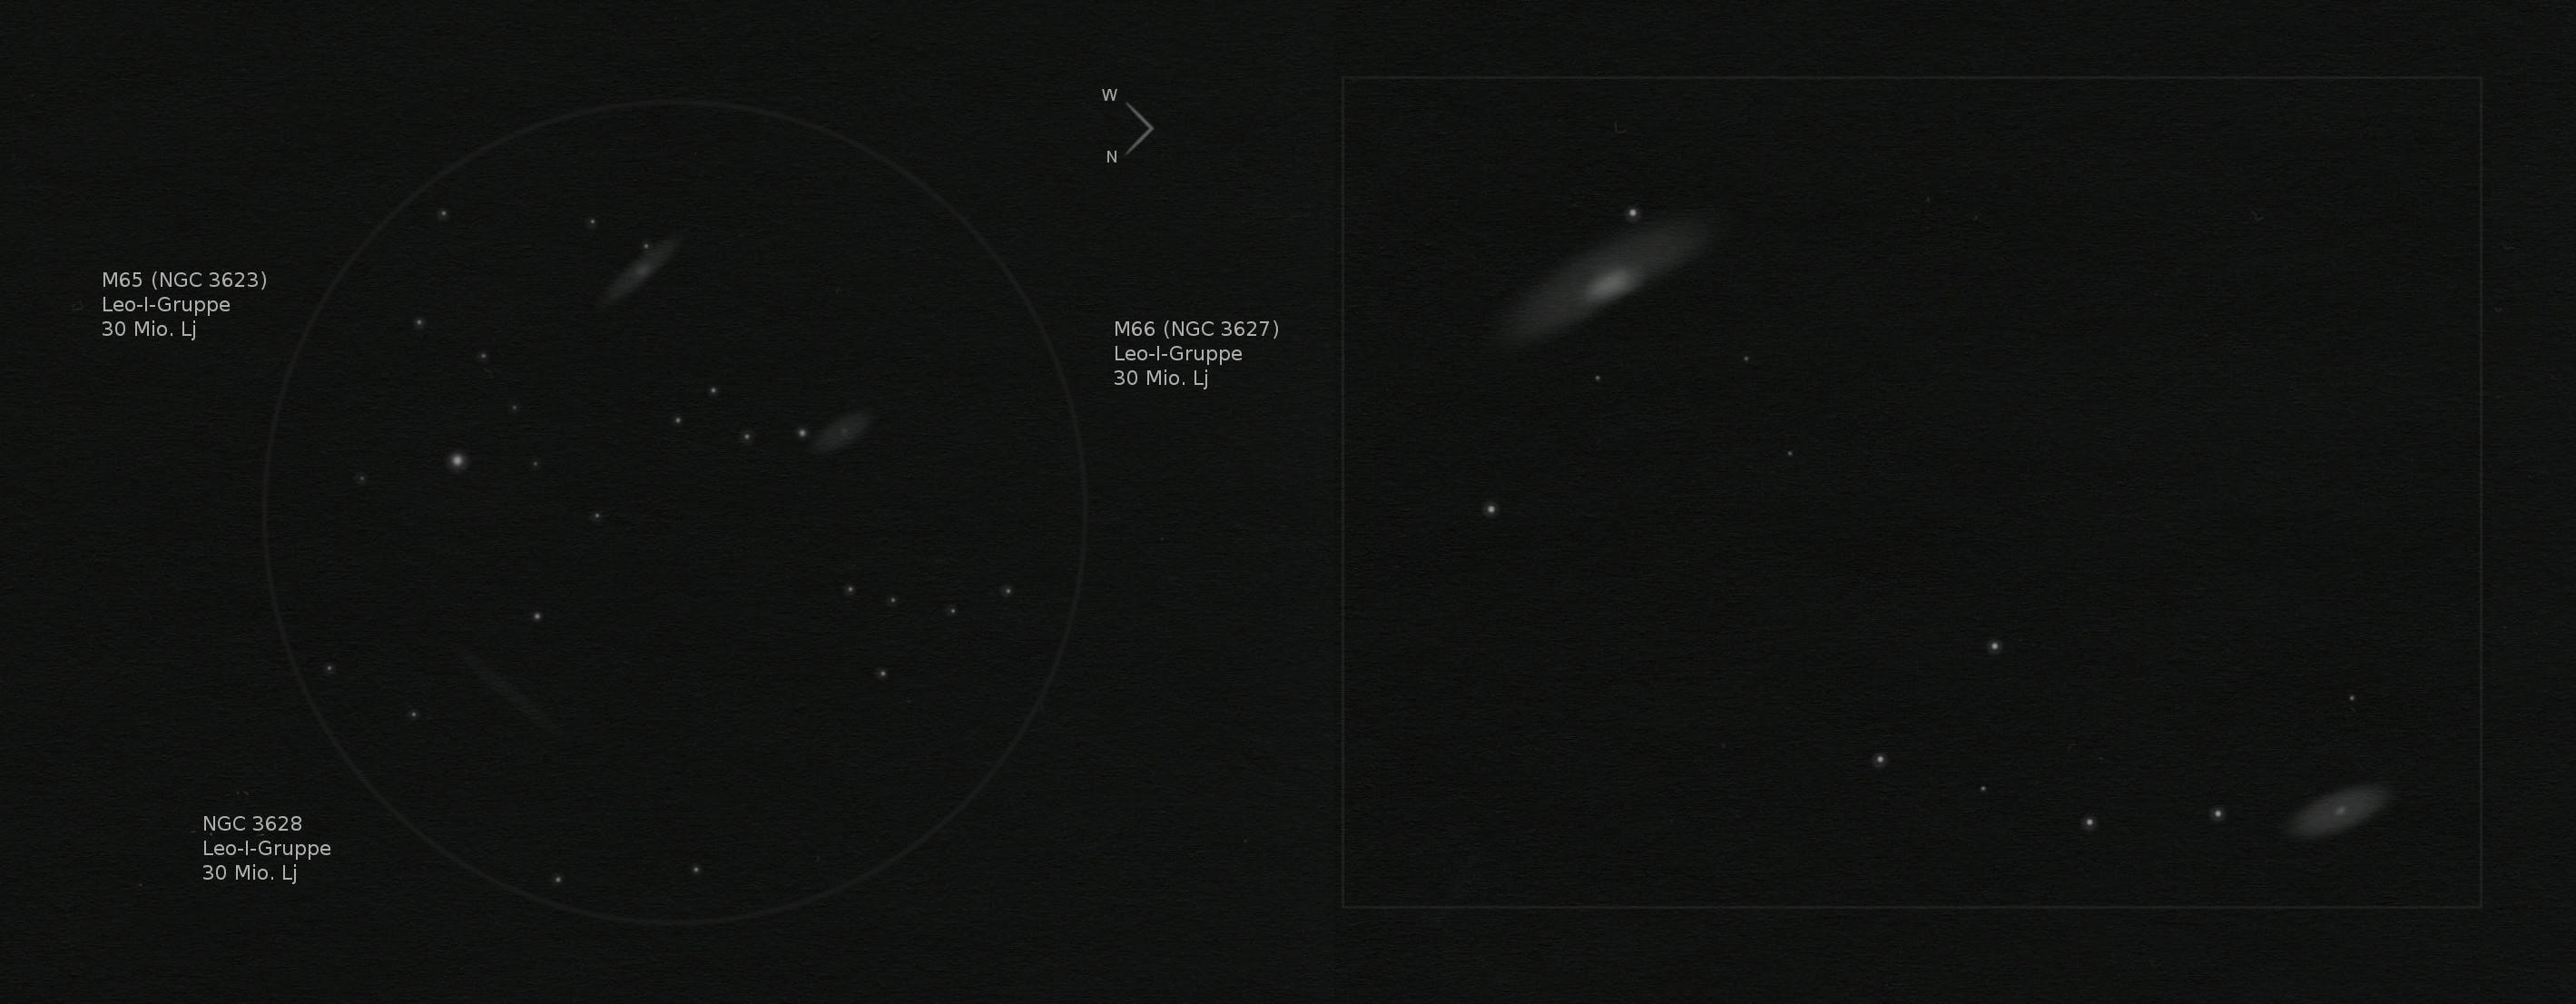 M66-Gruppe - Leo Triplet (Zeichnung)